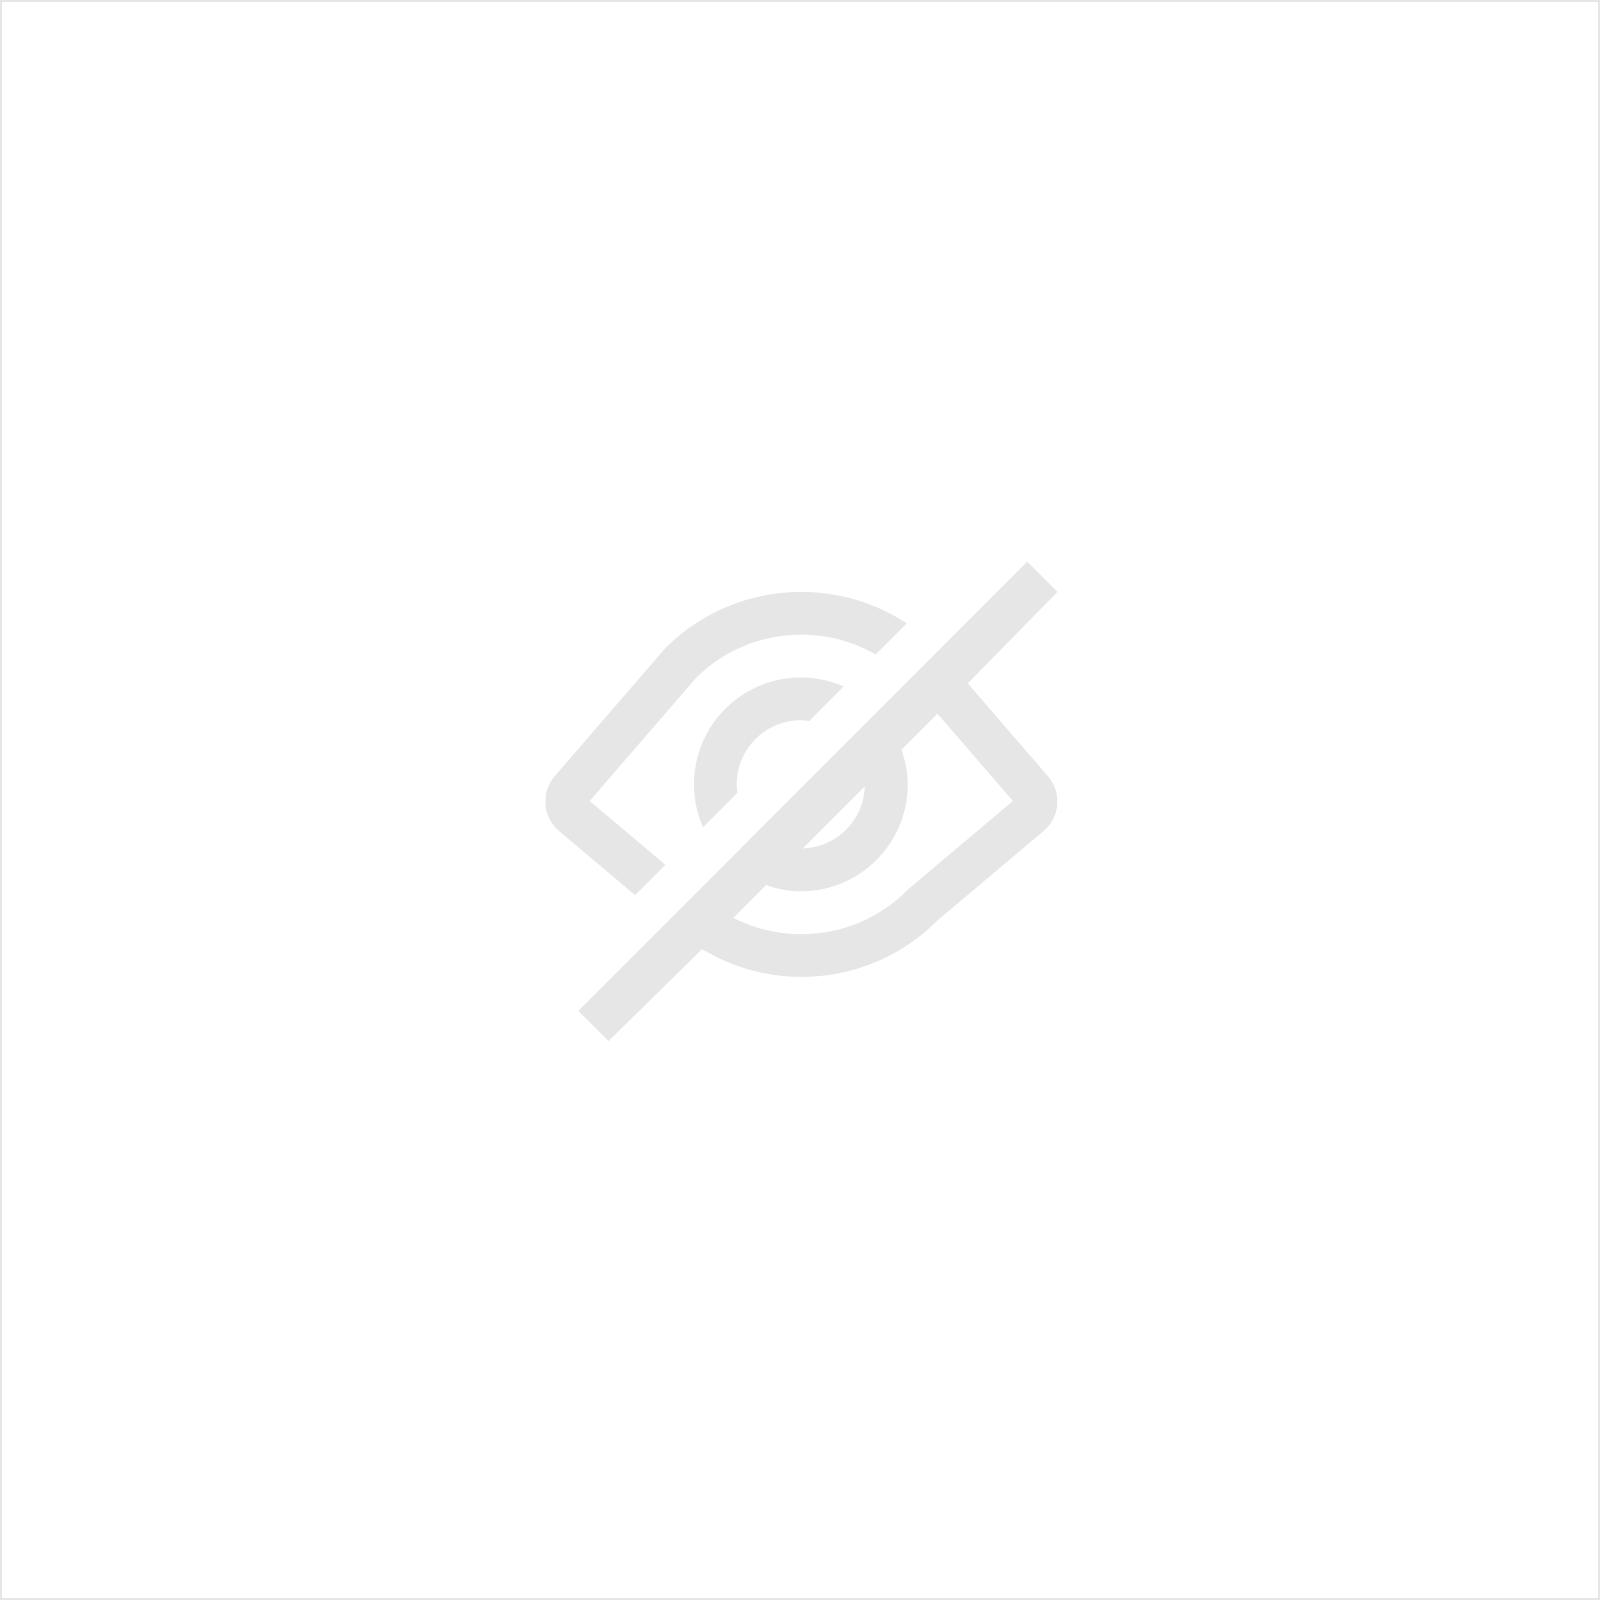 OPTIONEEL 1/8 DOUBLE TAPER PINSTRIPE ROLL SET VOOR BOORD EN LIJSTMACHINE